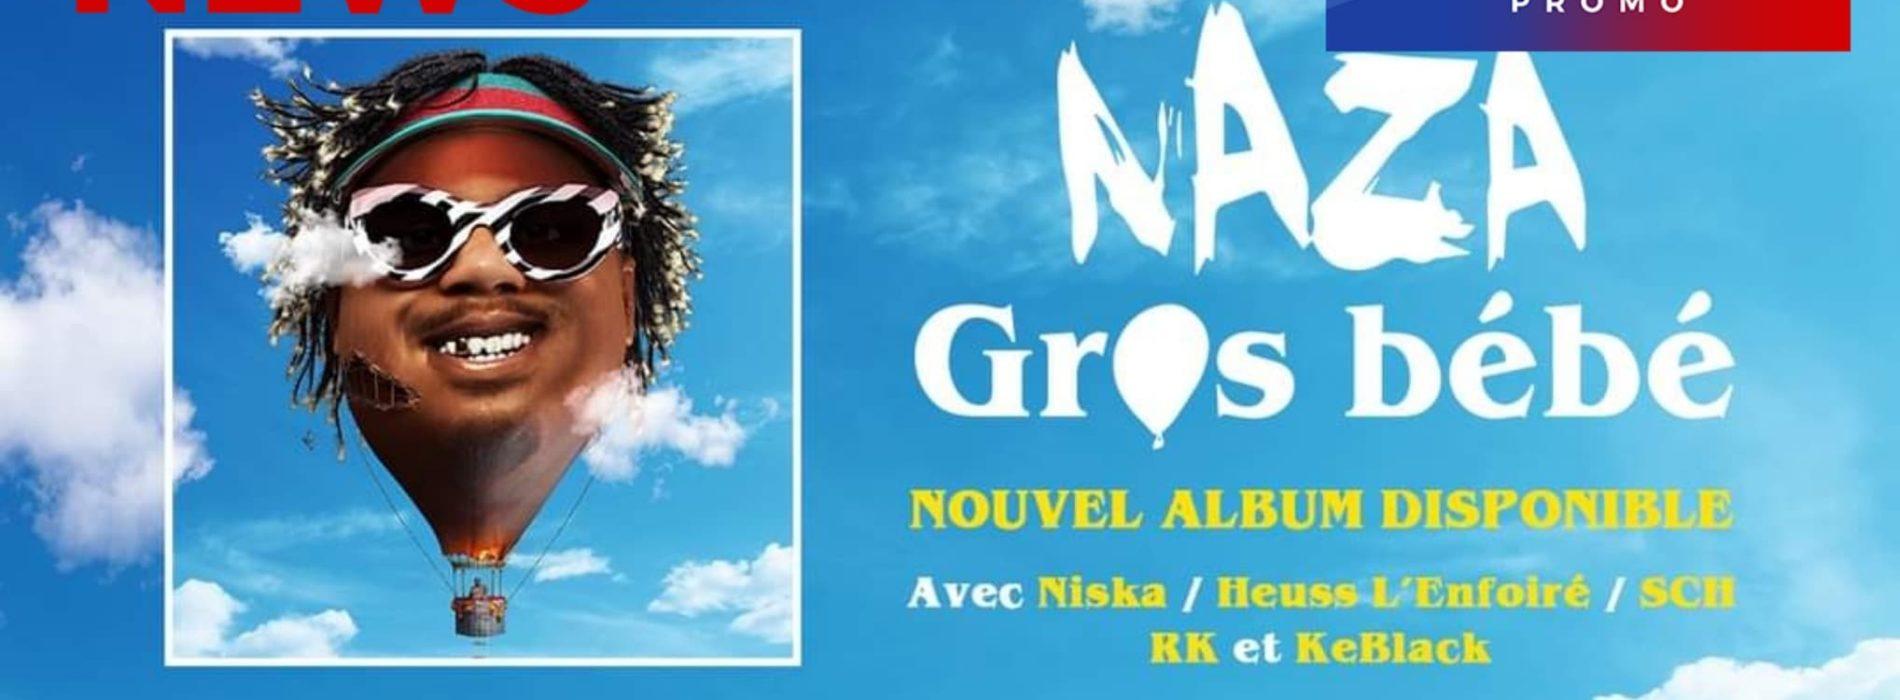 """Découvre le nouvel album de Naza intitulé """"Gros bébé"""" , sortie le 13 novembre 2020."""